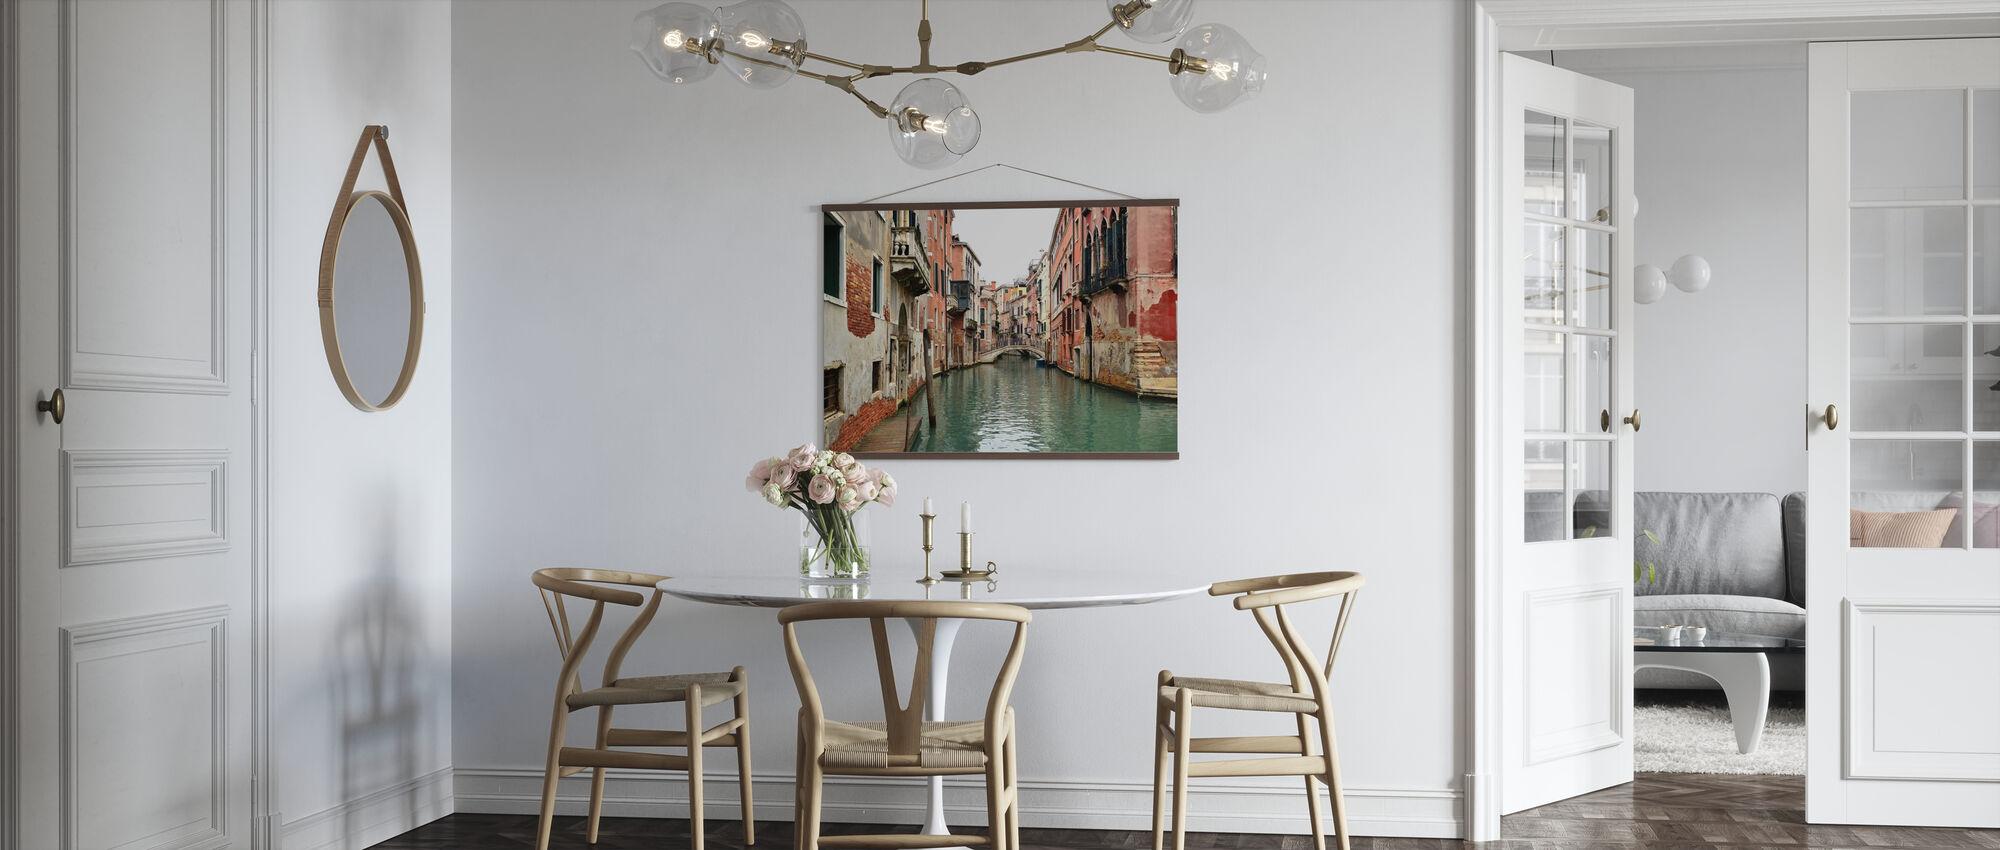 Ziegel und Wassergassen. Venedig - Poster - Küchen